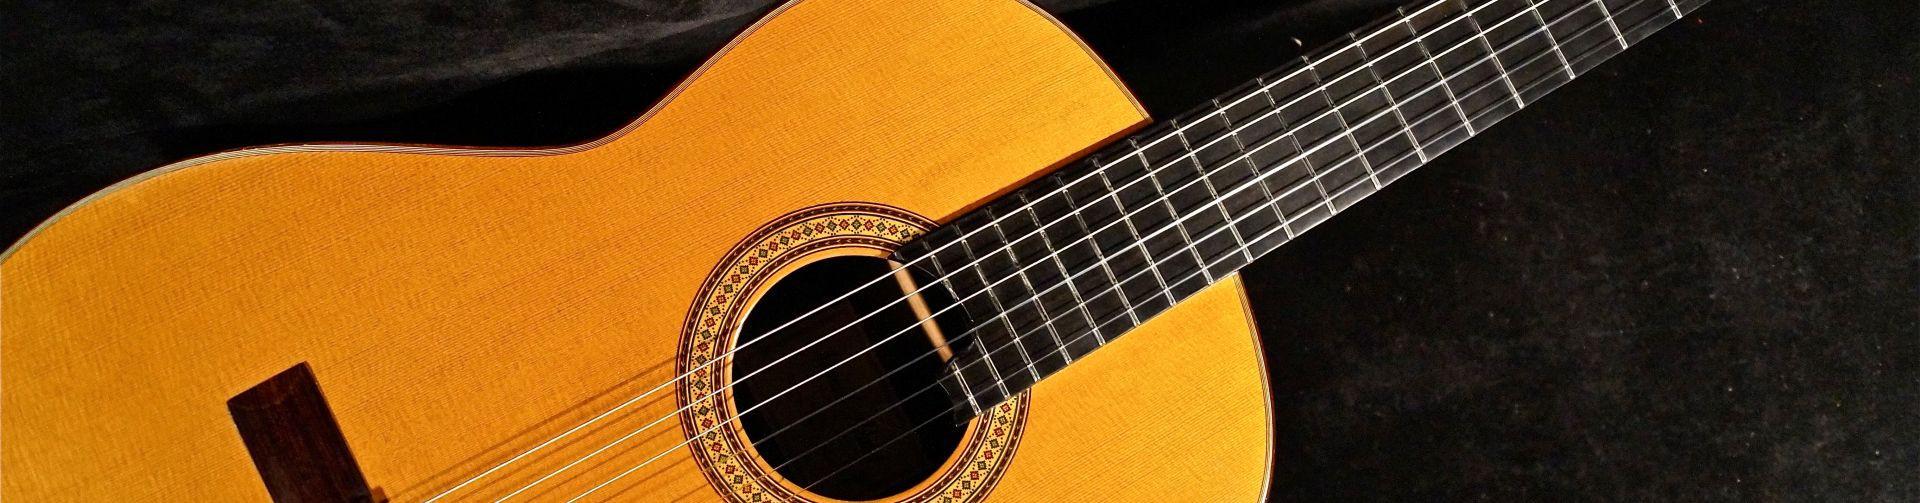 Guitarras de estudio para adultos y niños